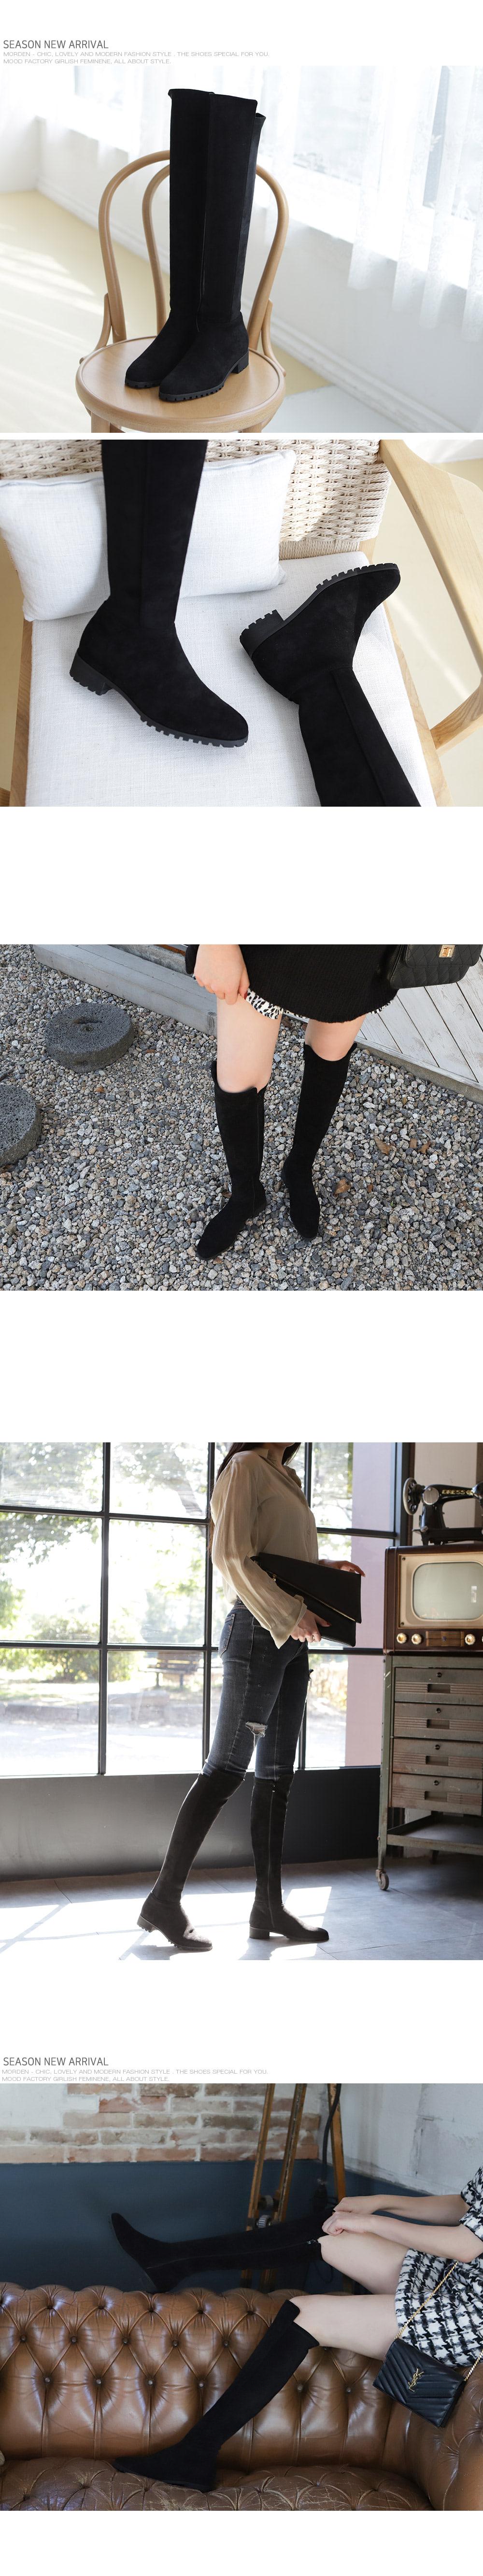 [Handmade] Stretch Suede Knee High Boots-holiholic.com